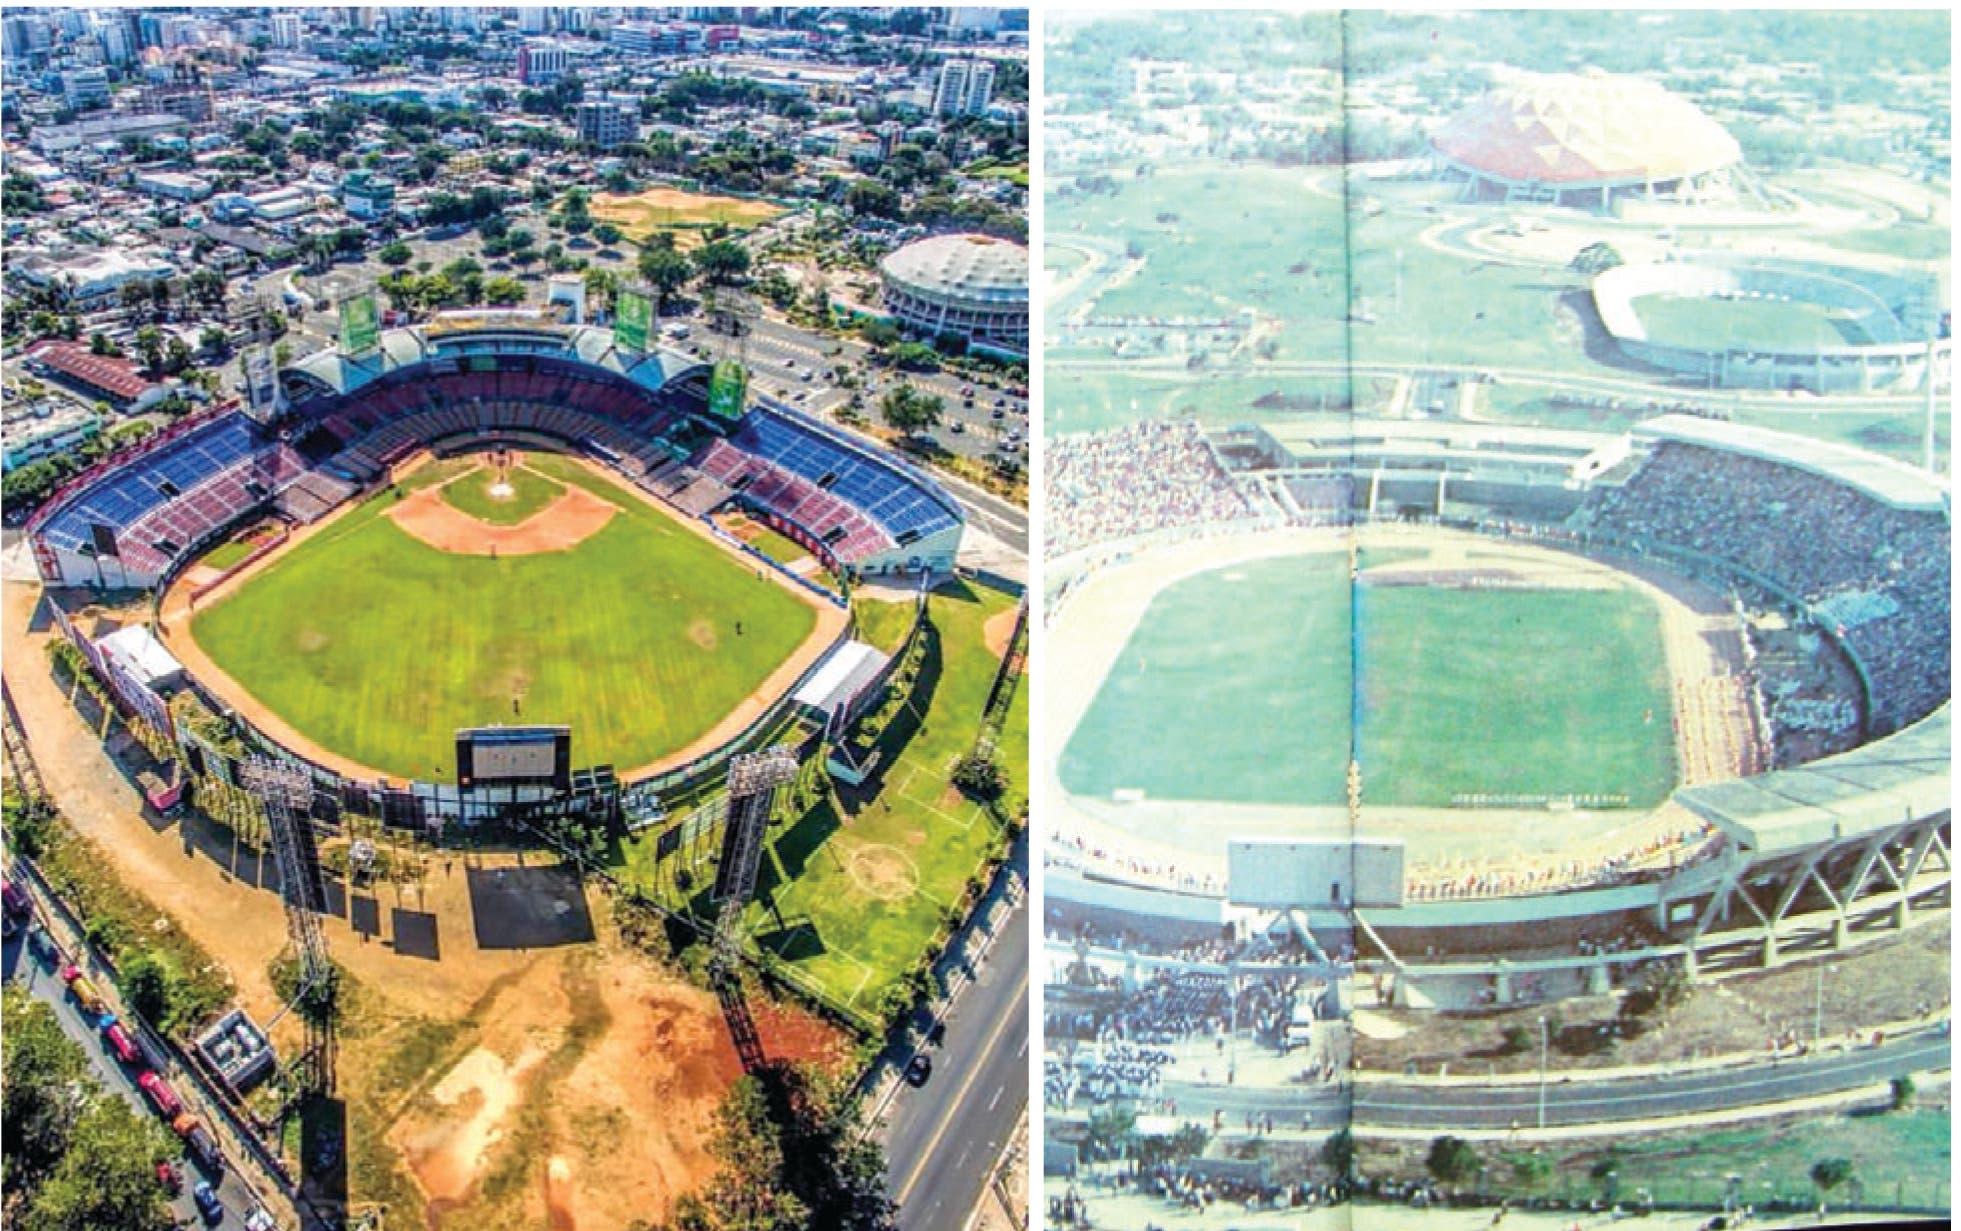 Vista aérea parcial de las dos viejas instalaciones deportivas,  estadio Quisqueya (izquierda) y el Centro Olímpico Juan Pablo Duarte.